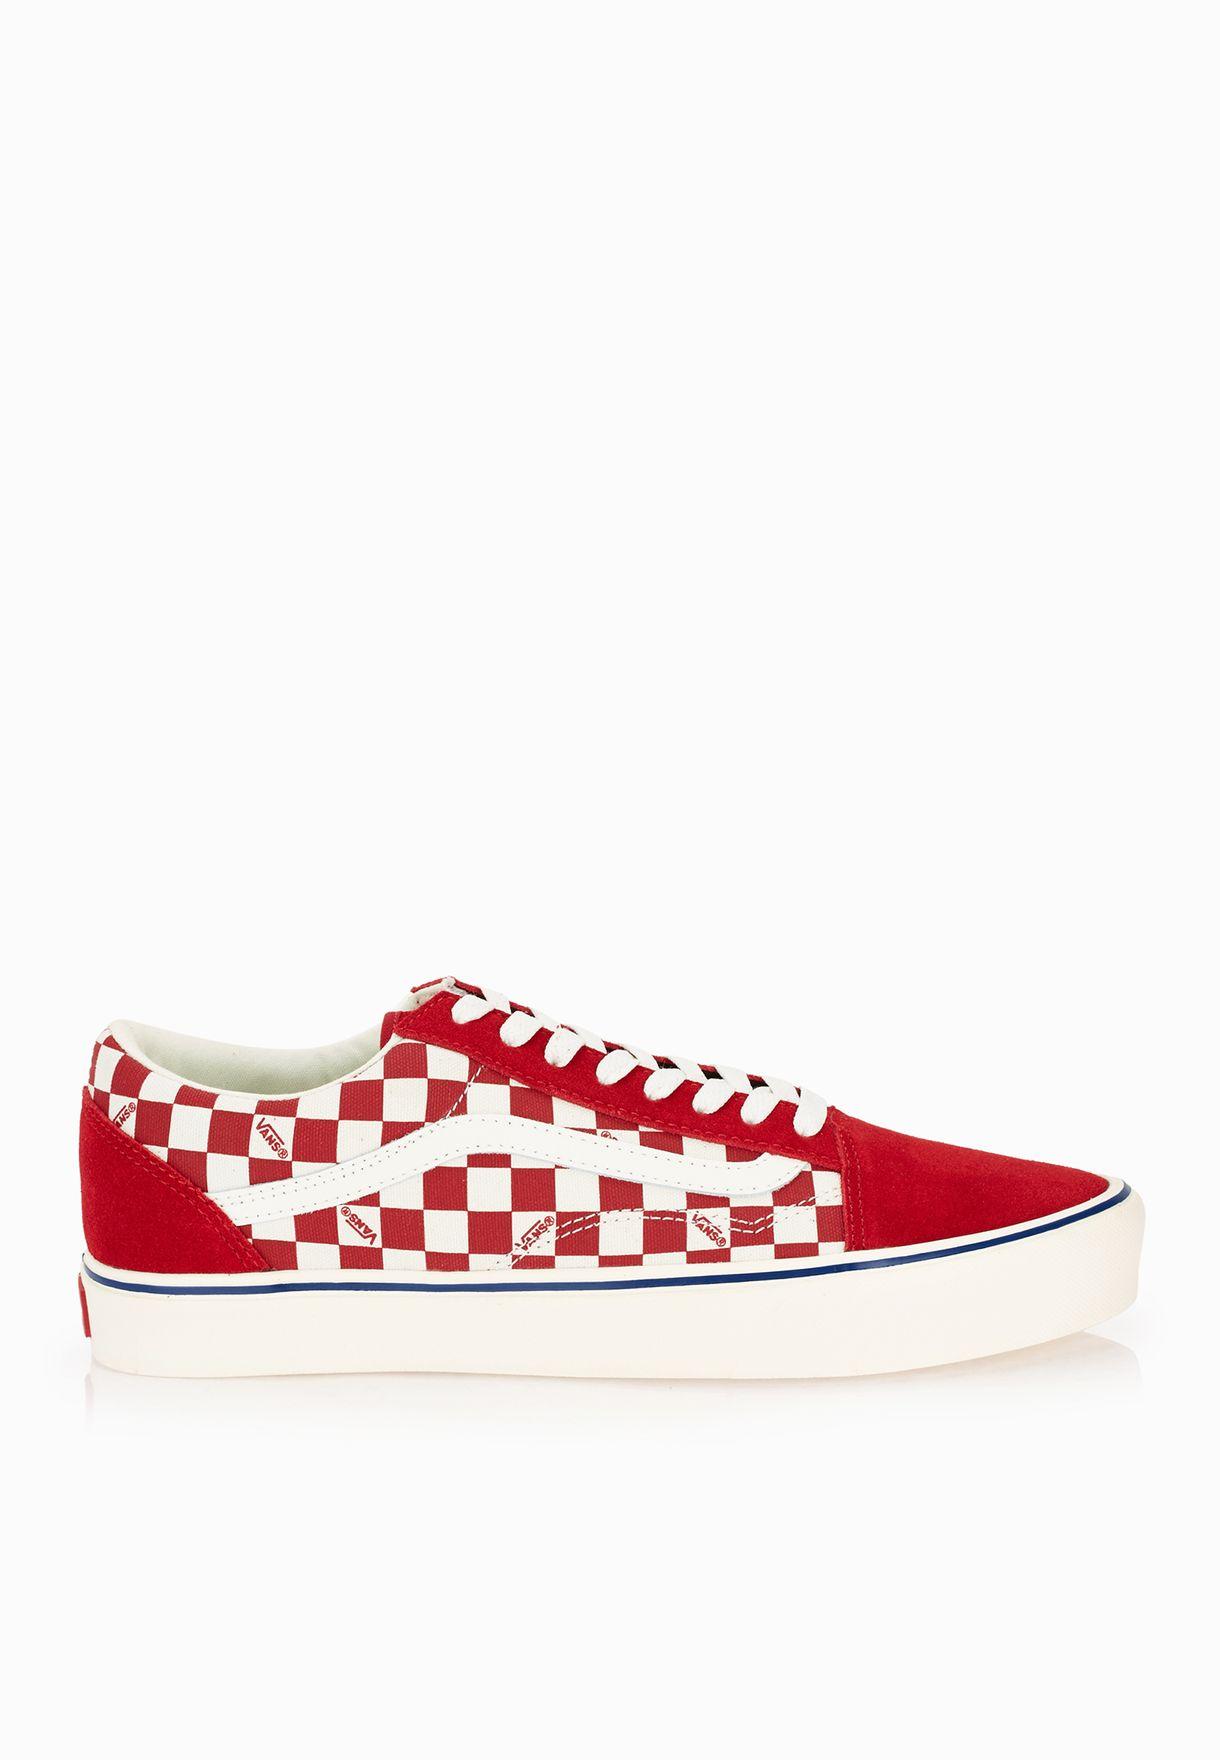 dee13ae96b Shop Vans red Old Skool Lite Checkers Sneakers VAFT-Z5WJYA for Men ...